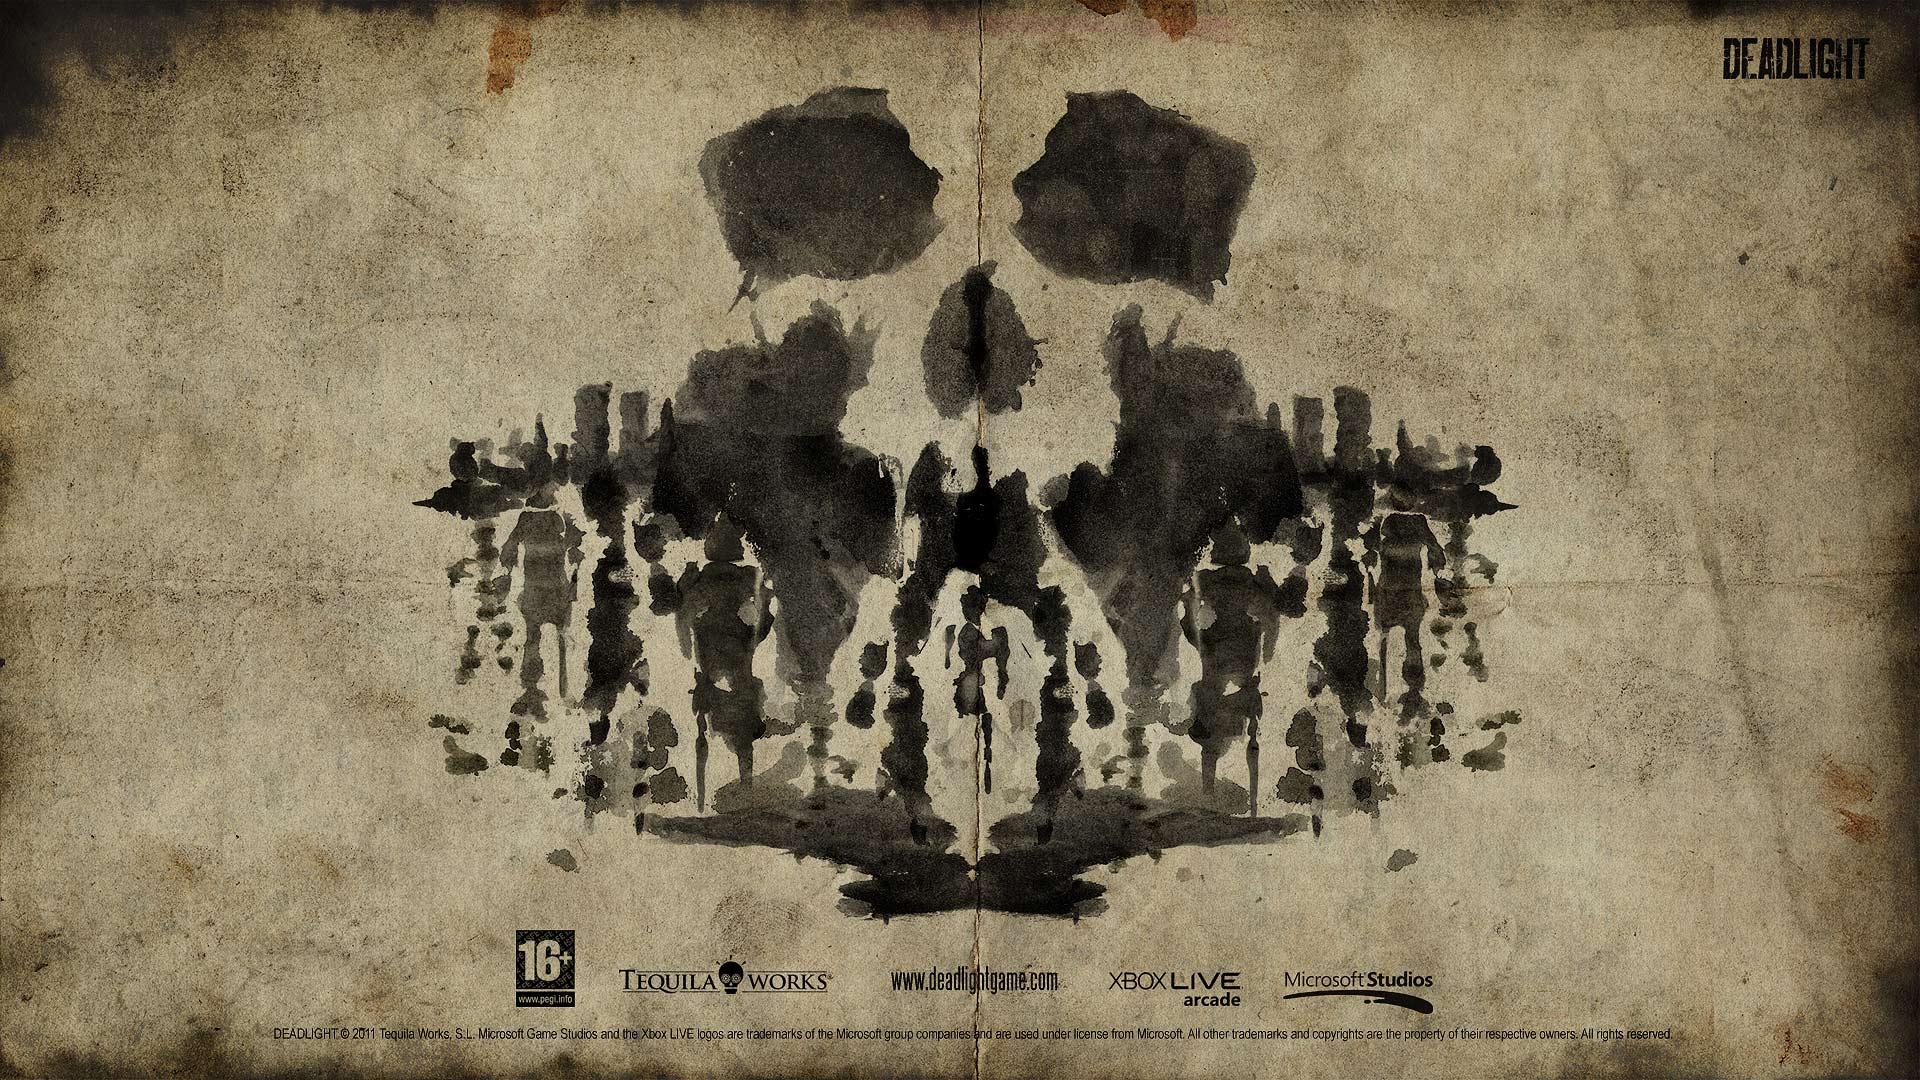 deadlight_wallpaper_skull_1920x1080